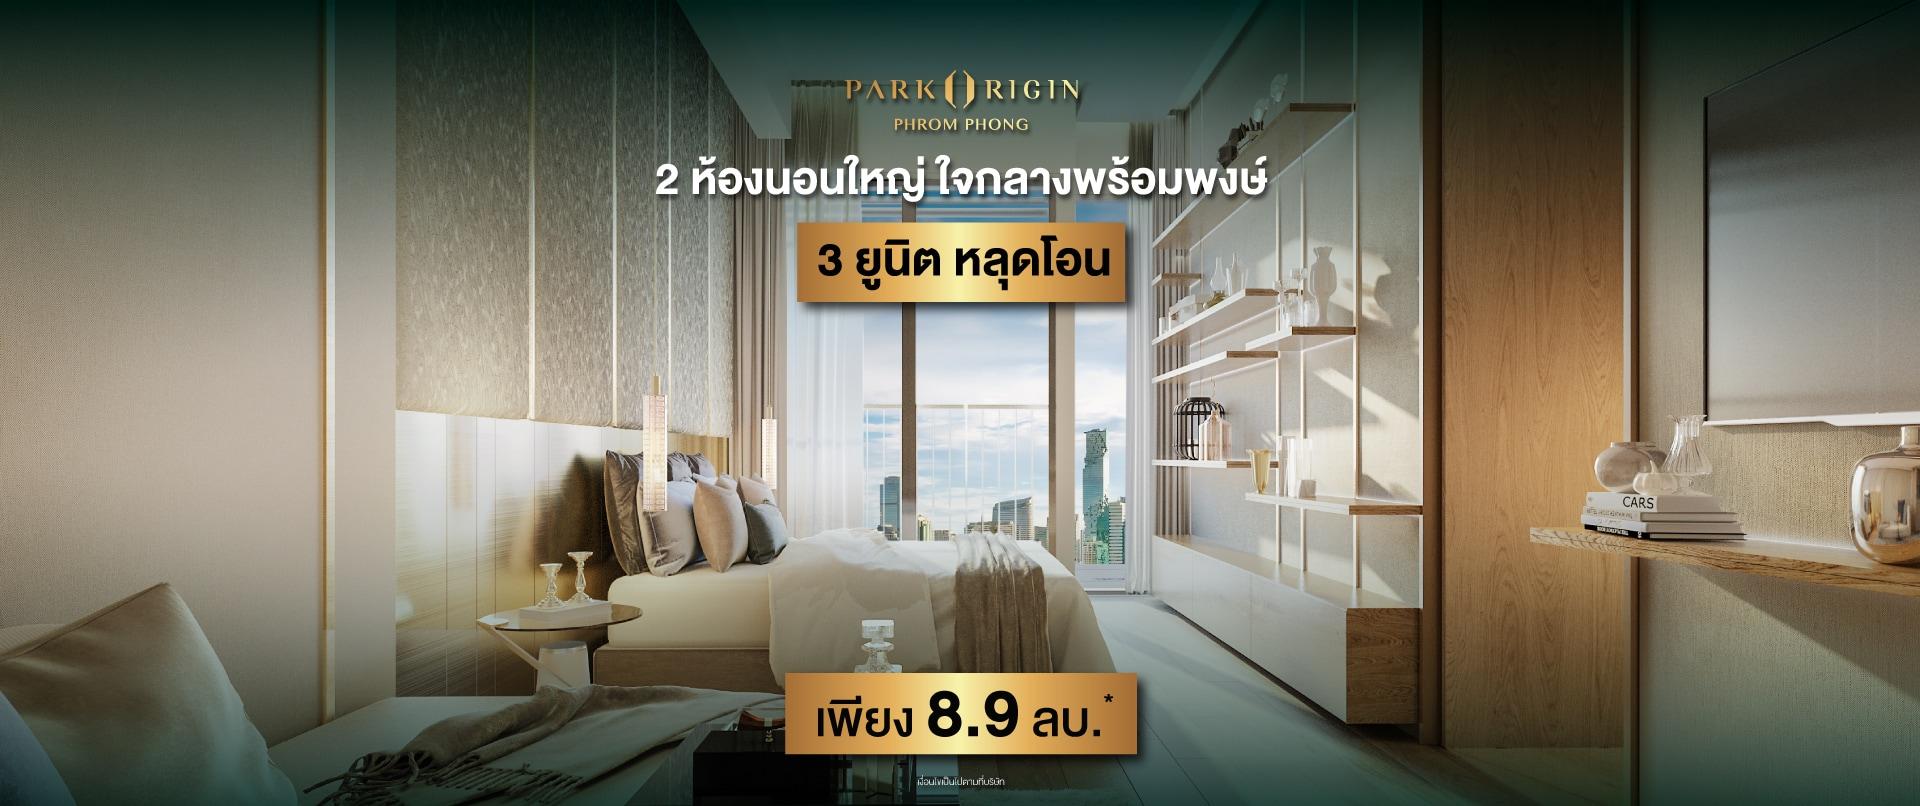 โปรปิดตึก 3 ยูนิตหลุดโอน! 2 ห้องนอนใหญ่ ใจกลางพร้อมพงษ์ เพียง 8.9 ลบ.*